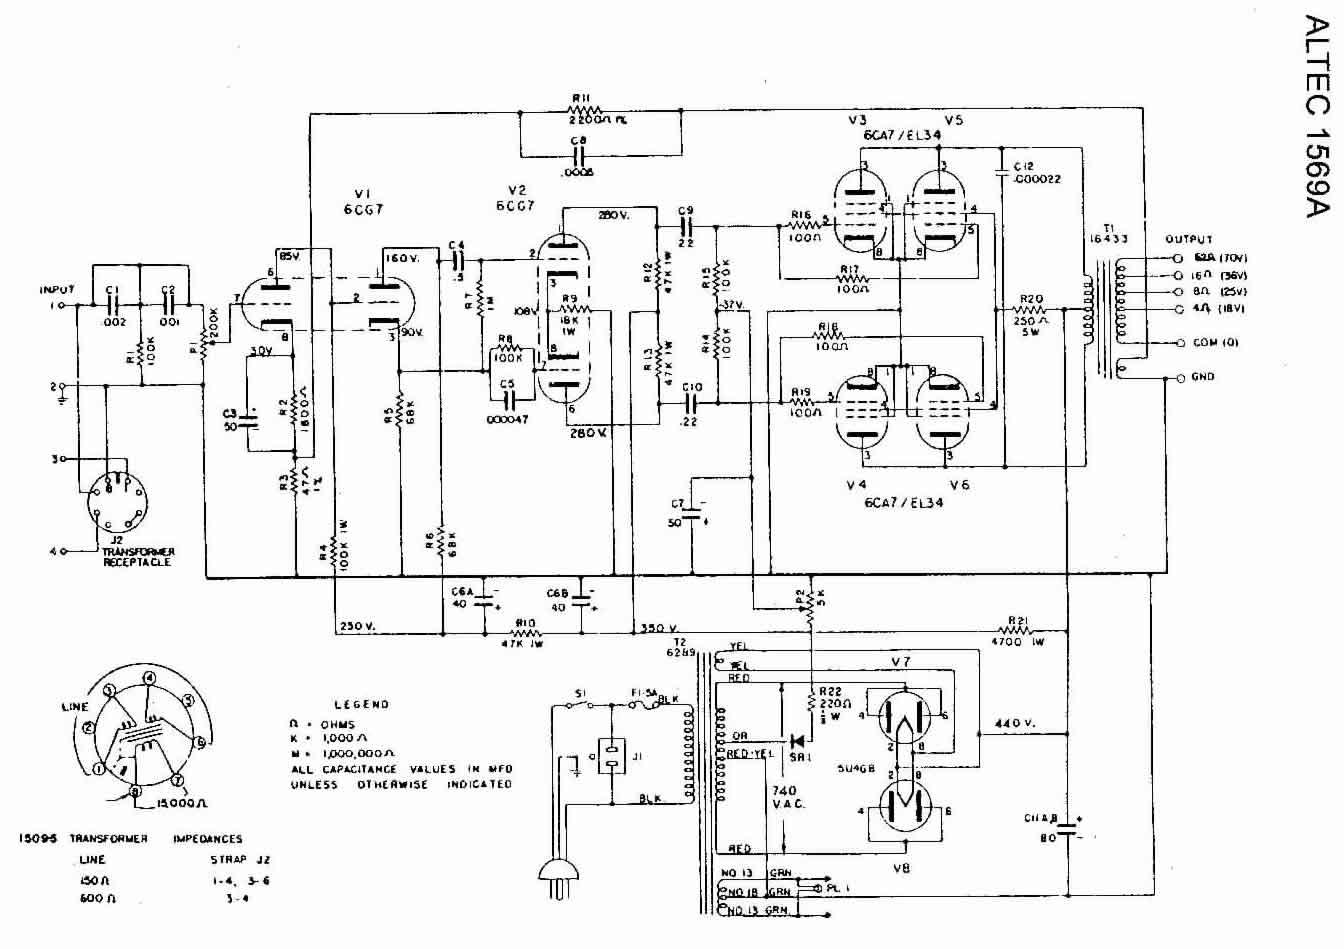 Altec Lansing 251 Wiring Diagram : 32 Wiring Diagram